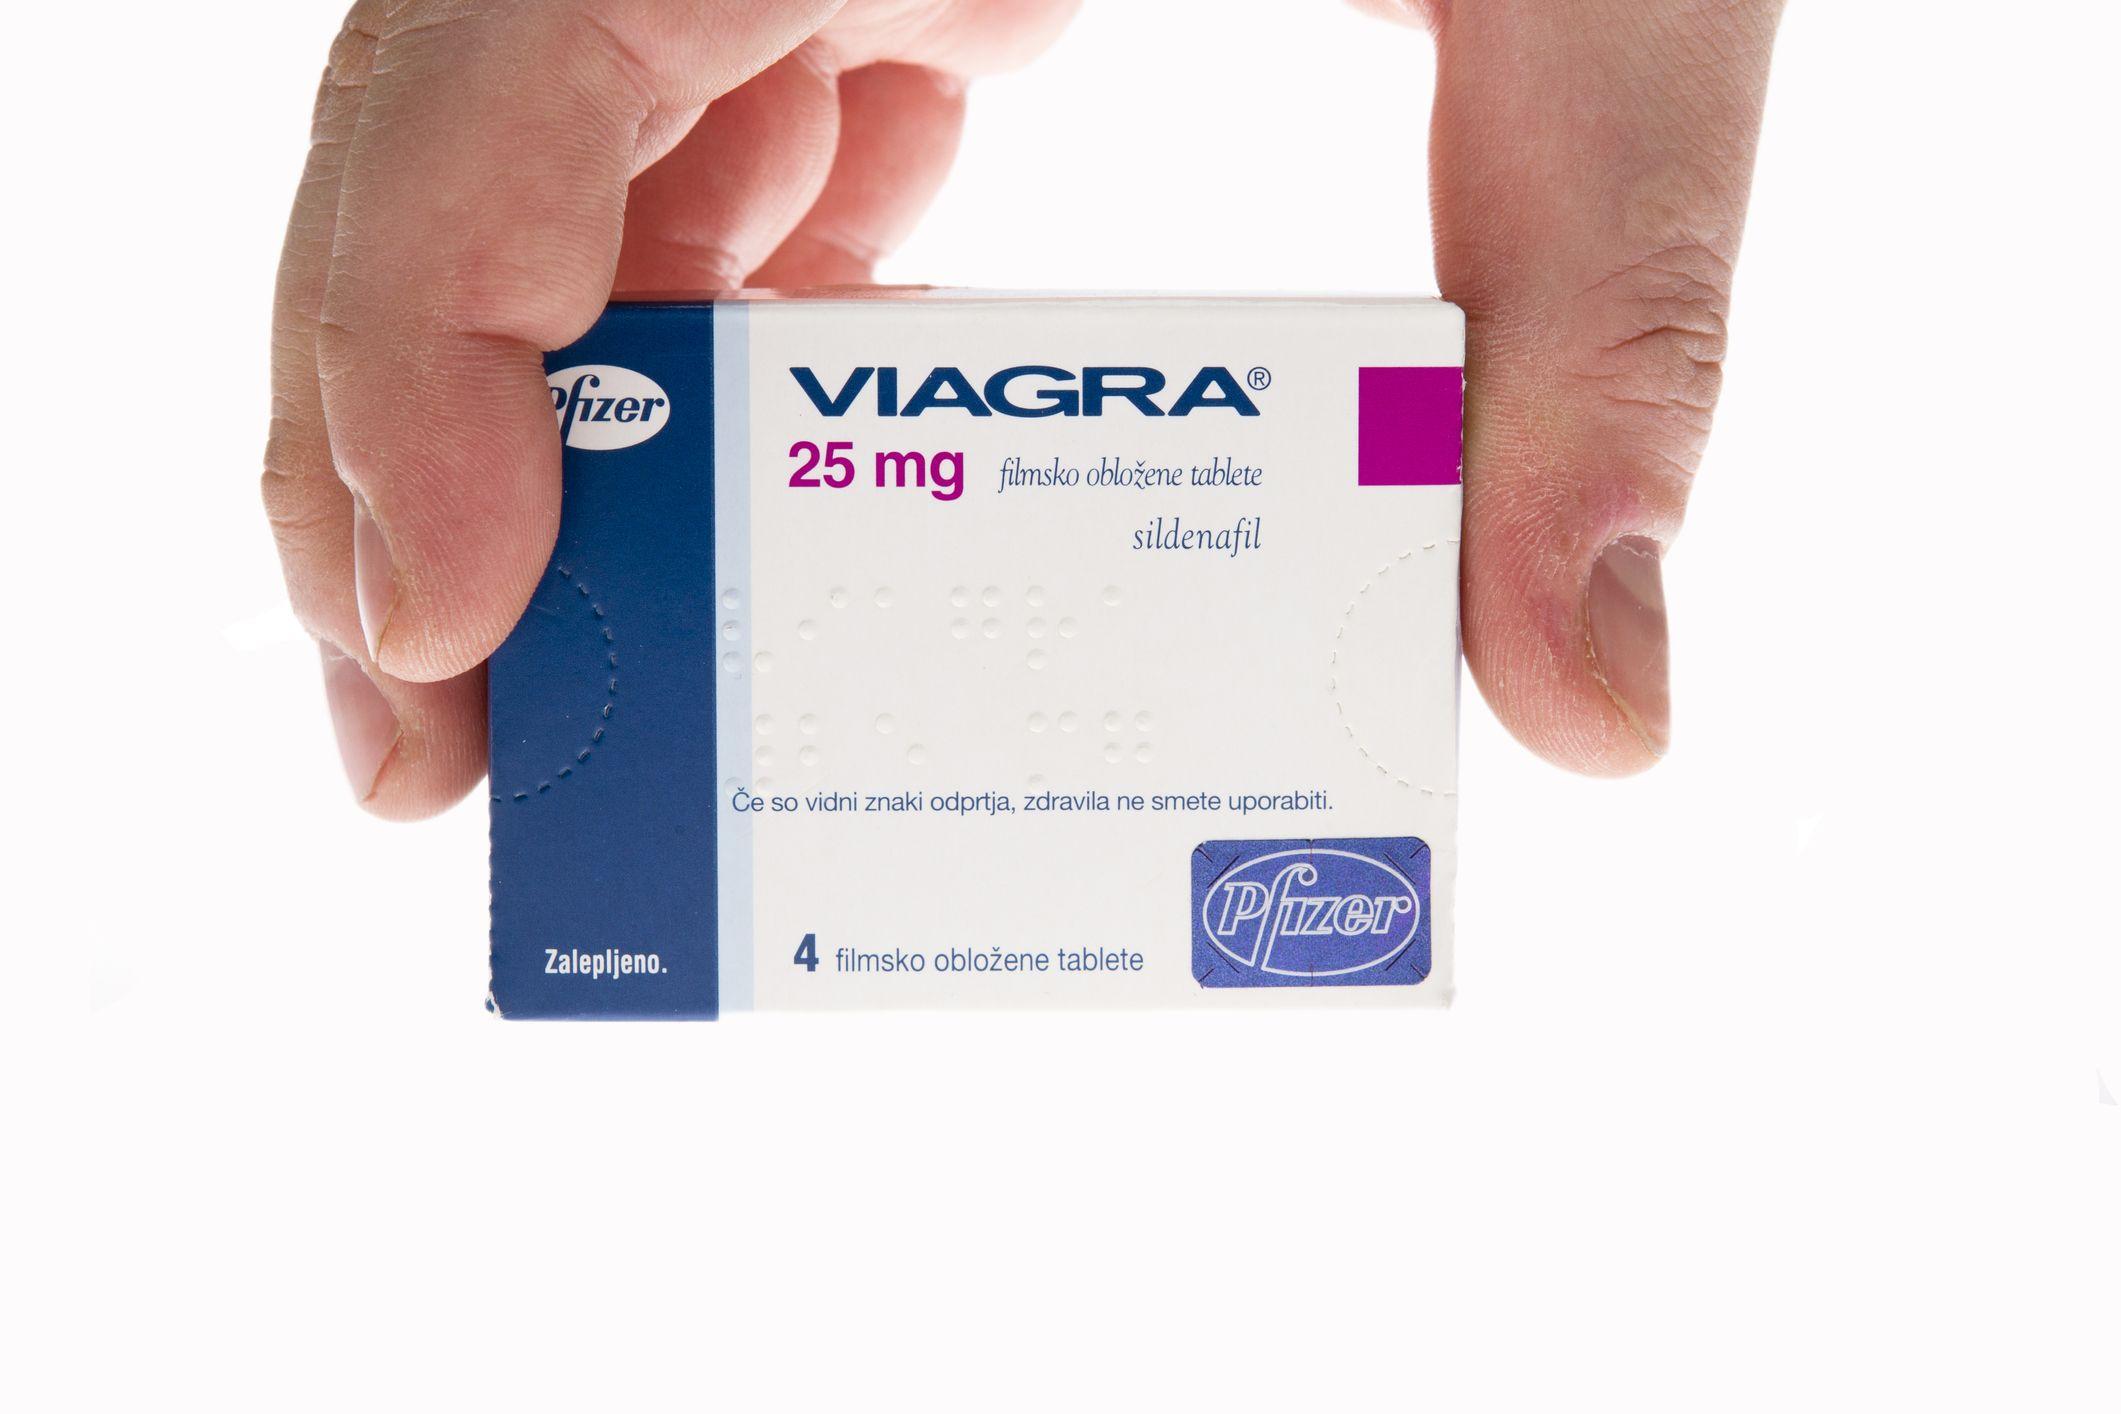 lehetséges-e szedni a Viagrát magas vérnyomás esetén)